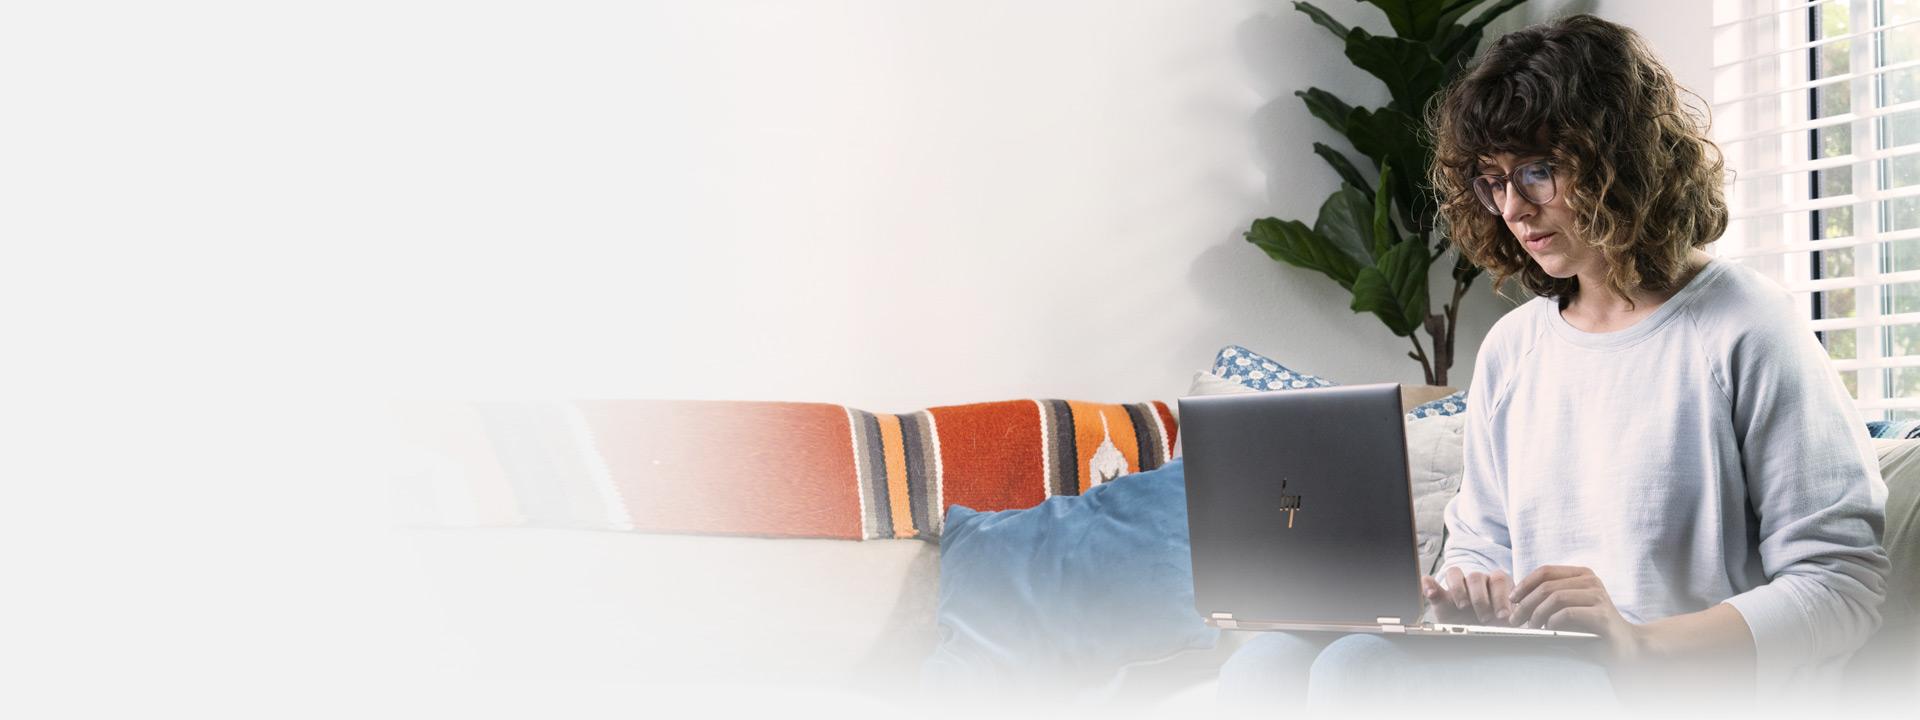 ソファに座ってノート PC を使っている女性